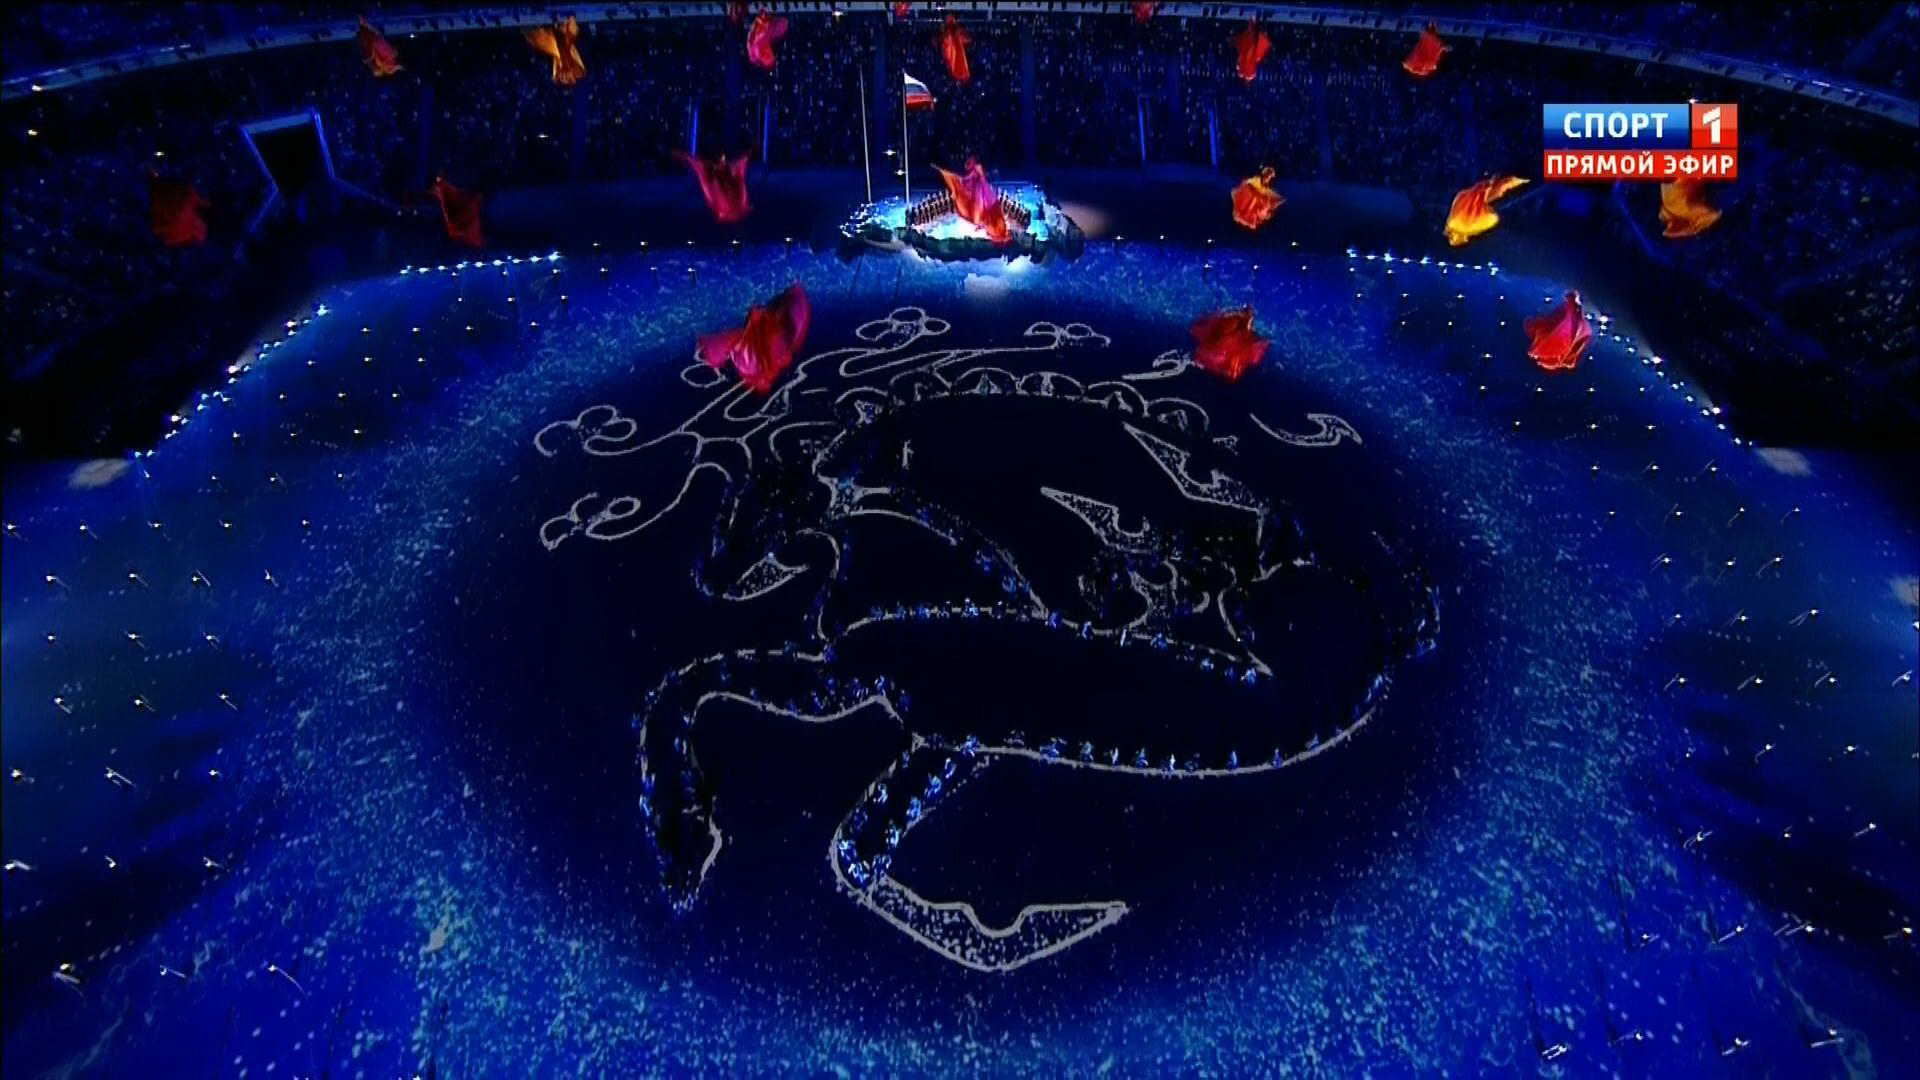 Церемония открытия xi Зимних Паралимпийских игр в Сочи  pic pic